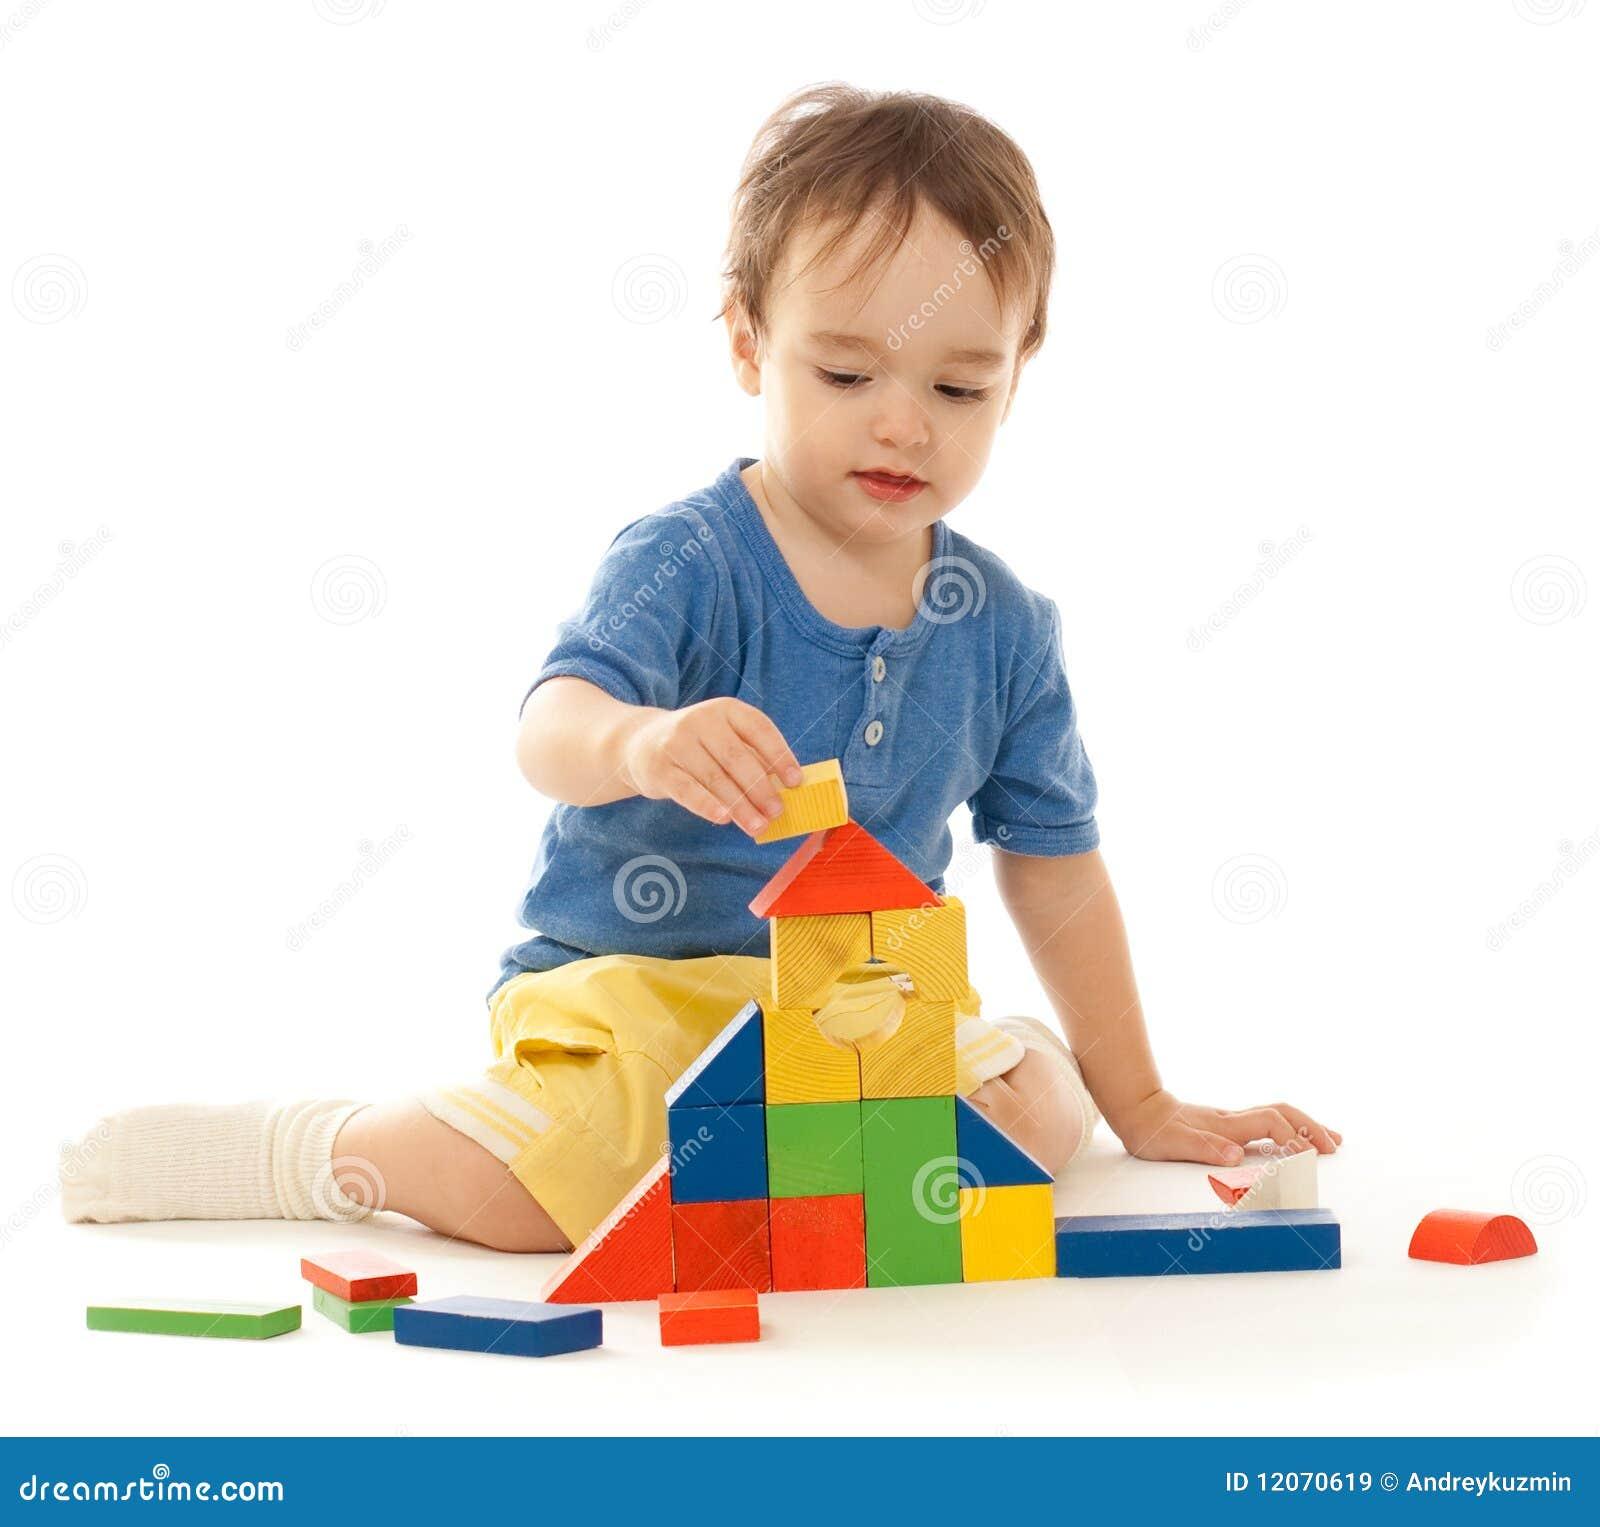 El ni o peque o lindo est jugando con los bloques - Foto nino pequeno ...